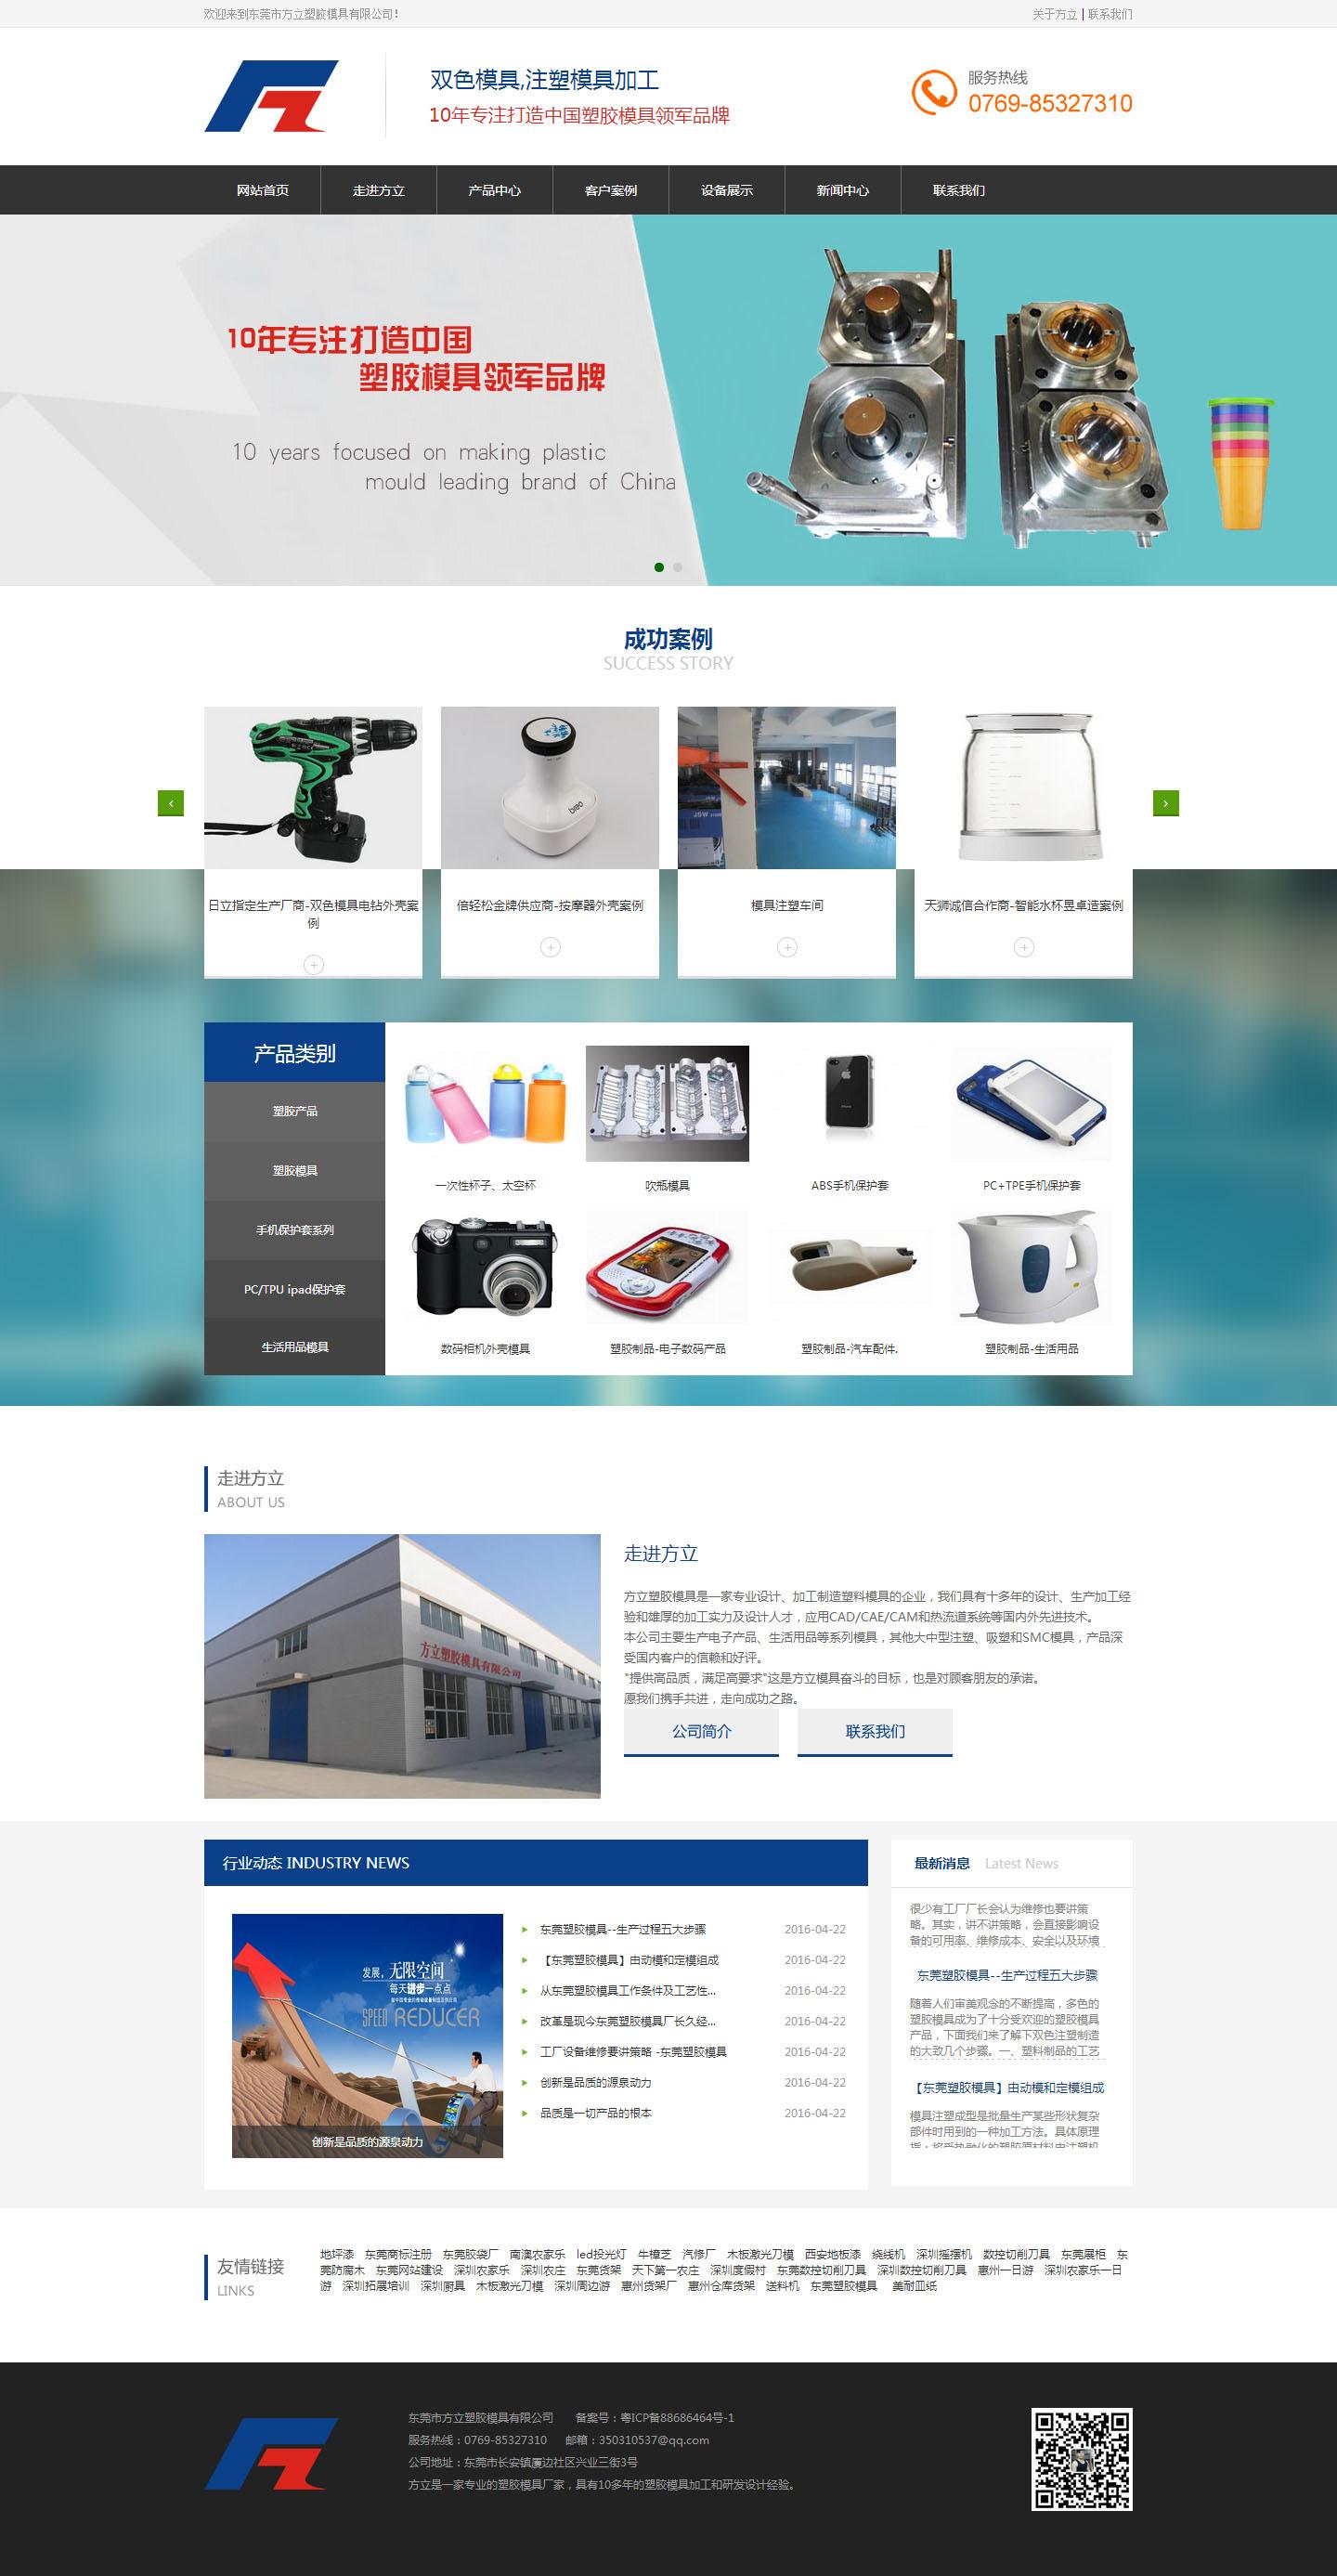 東莞塑膠模具_薄壁模具_精密電子類_方力塑膠模具_東莞市方立塑膠模具有限公司.jpg